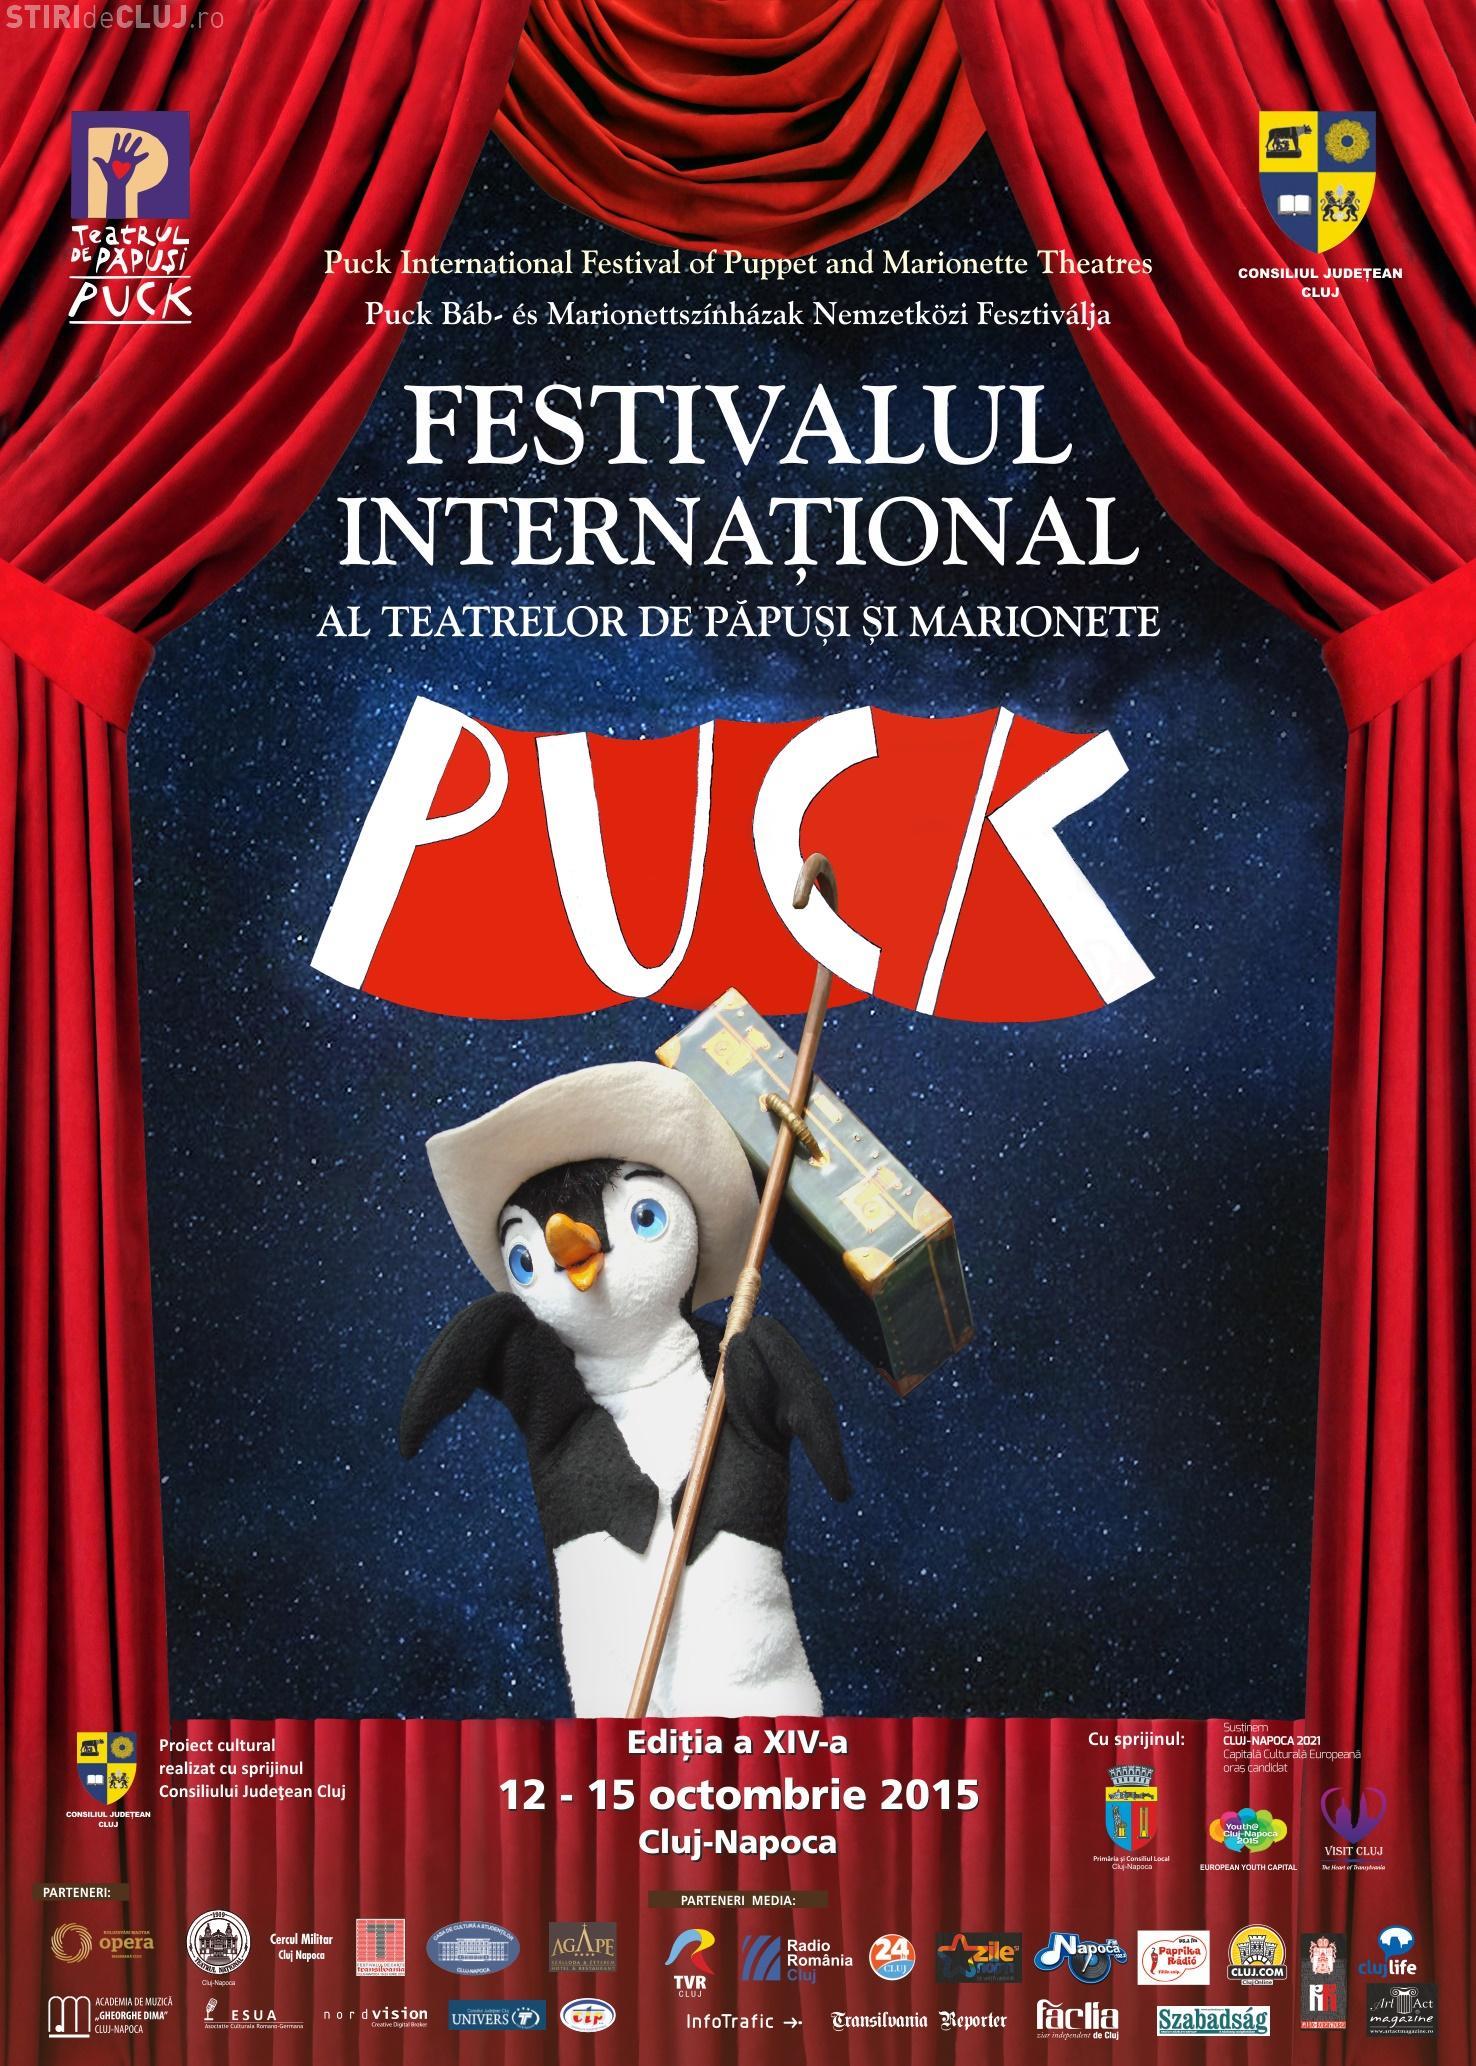 """PROGRAM - Festivalul Internaţional al Teatrelor de Păpuşi şi Marionete """"Puck"""""""